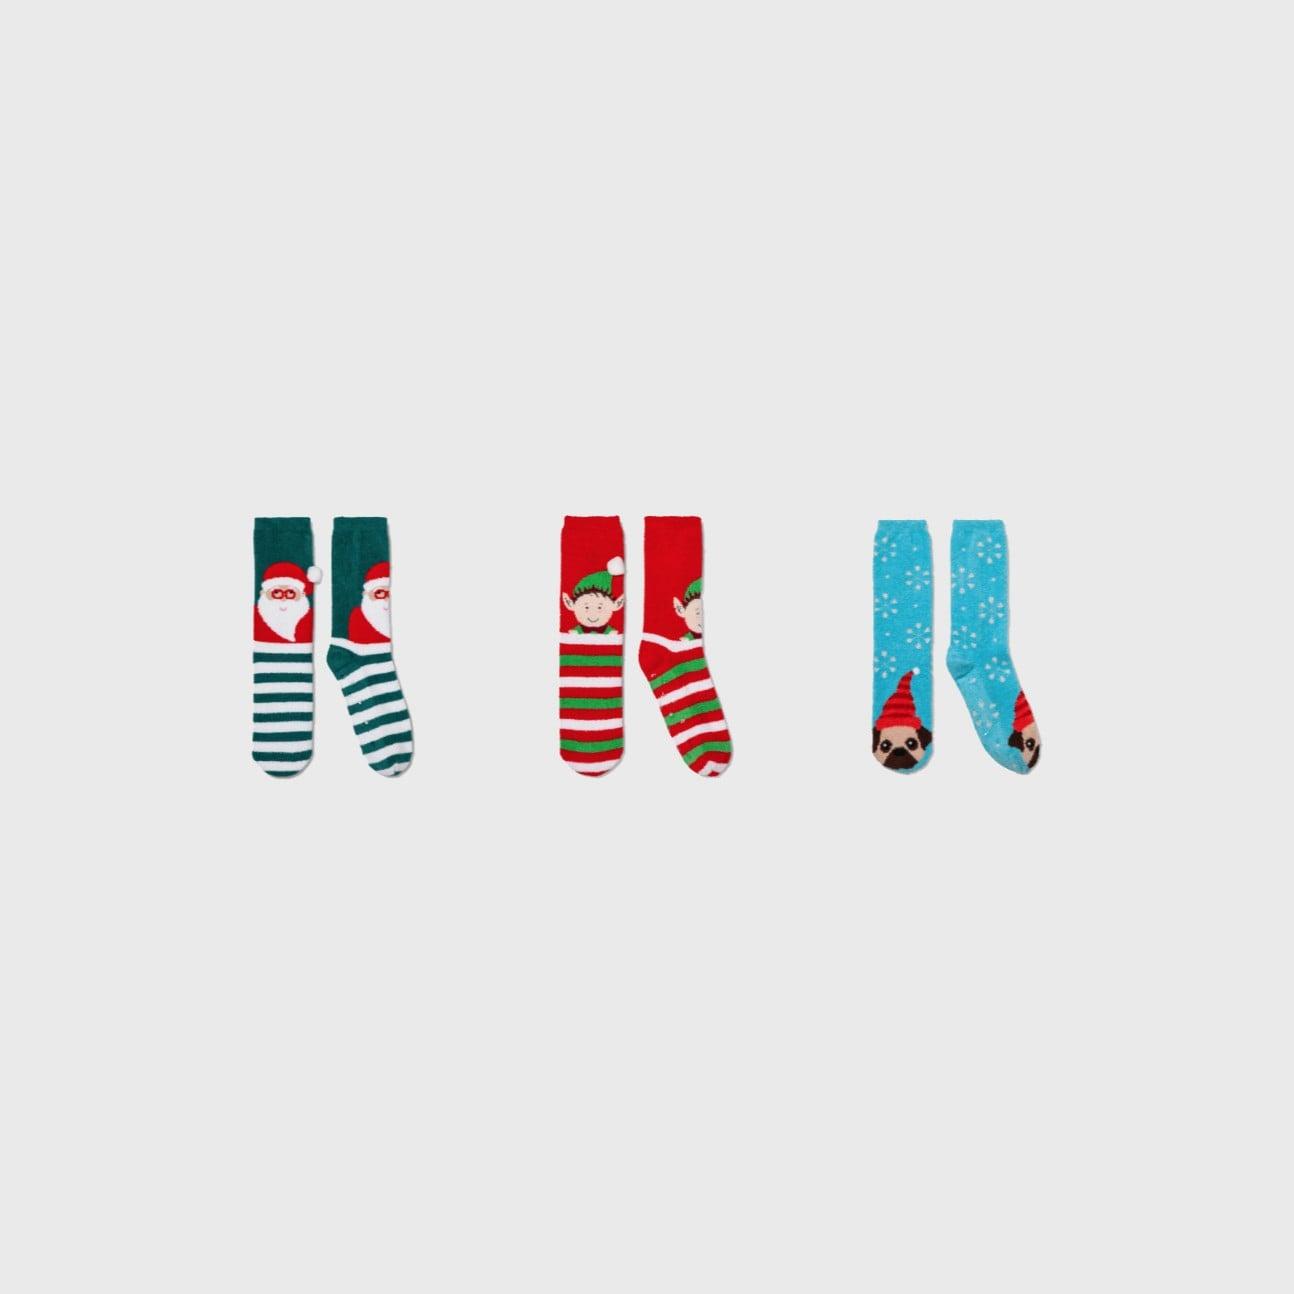 best christmas socks at target 2018 popsugar family - Christmas Socks Target